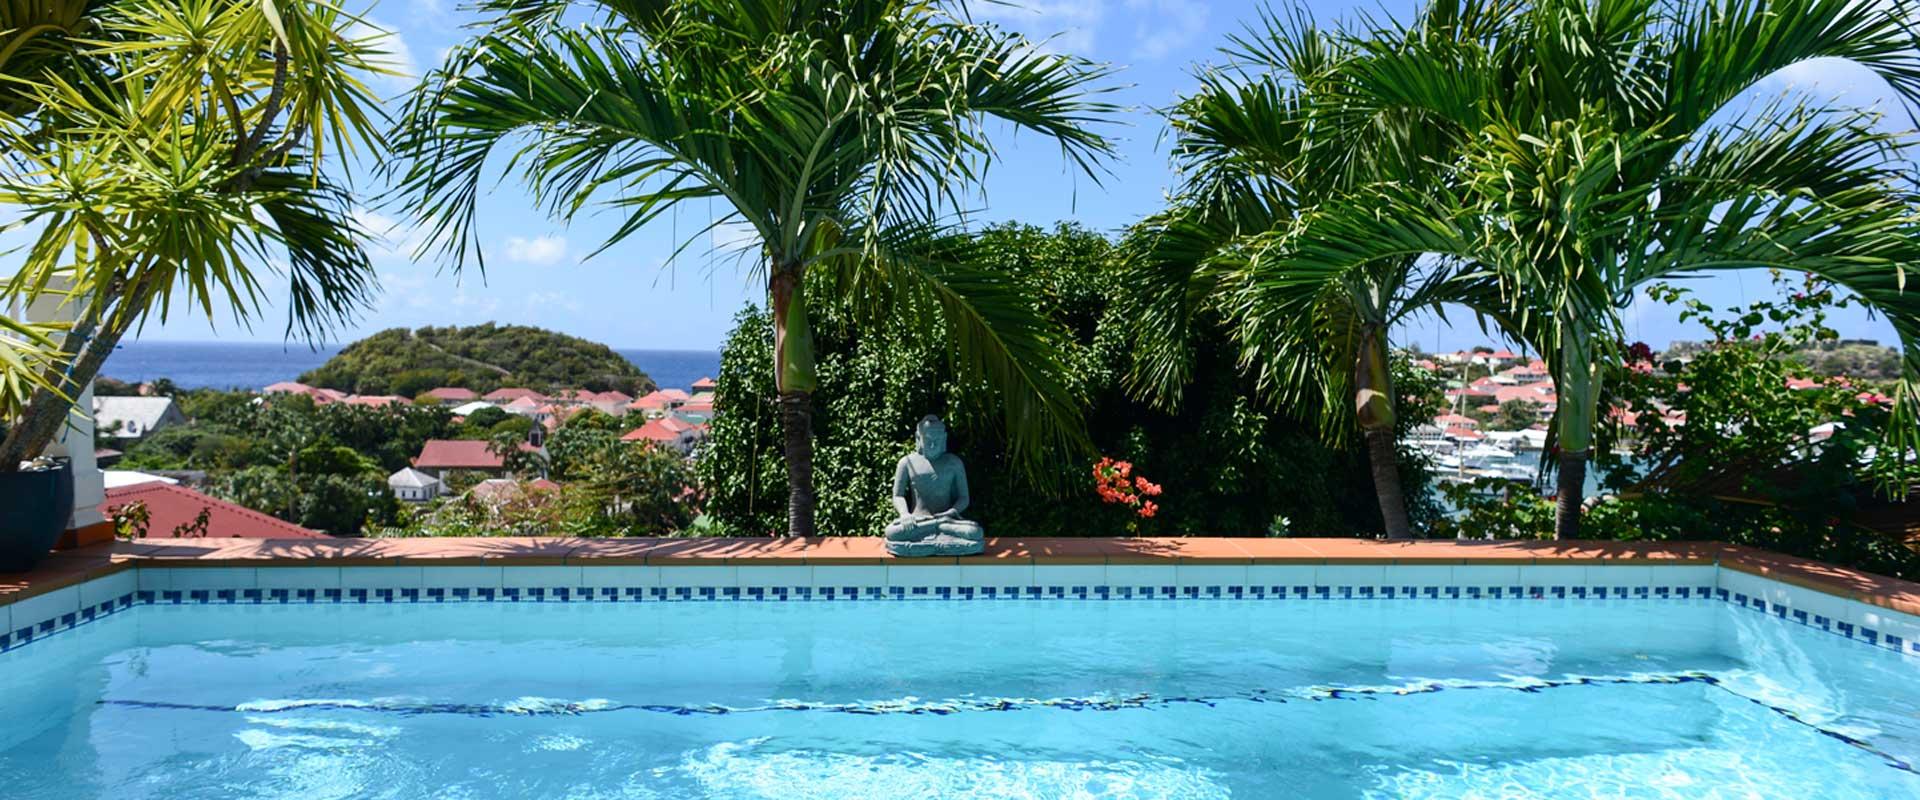 Villa Le Marlin St Barts